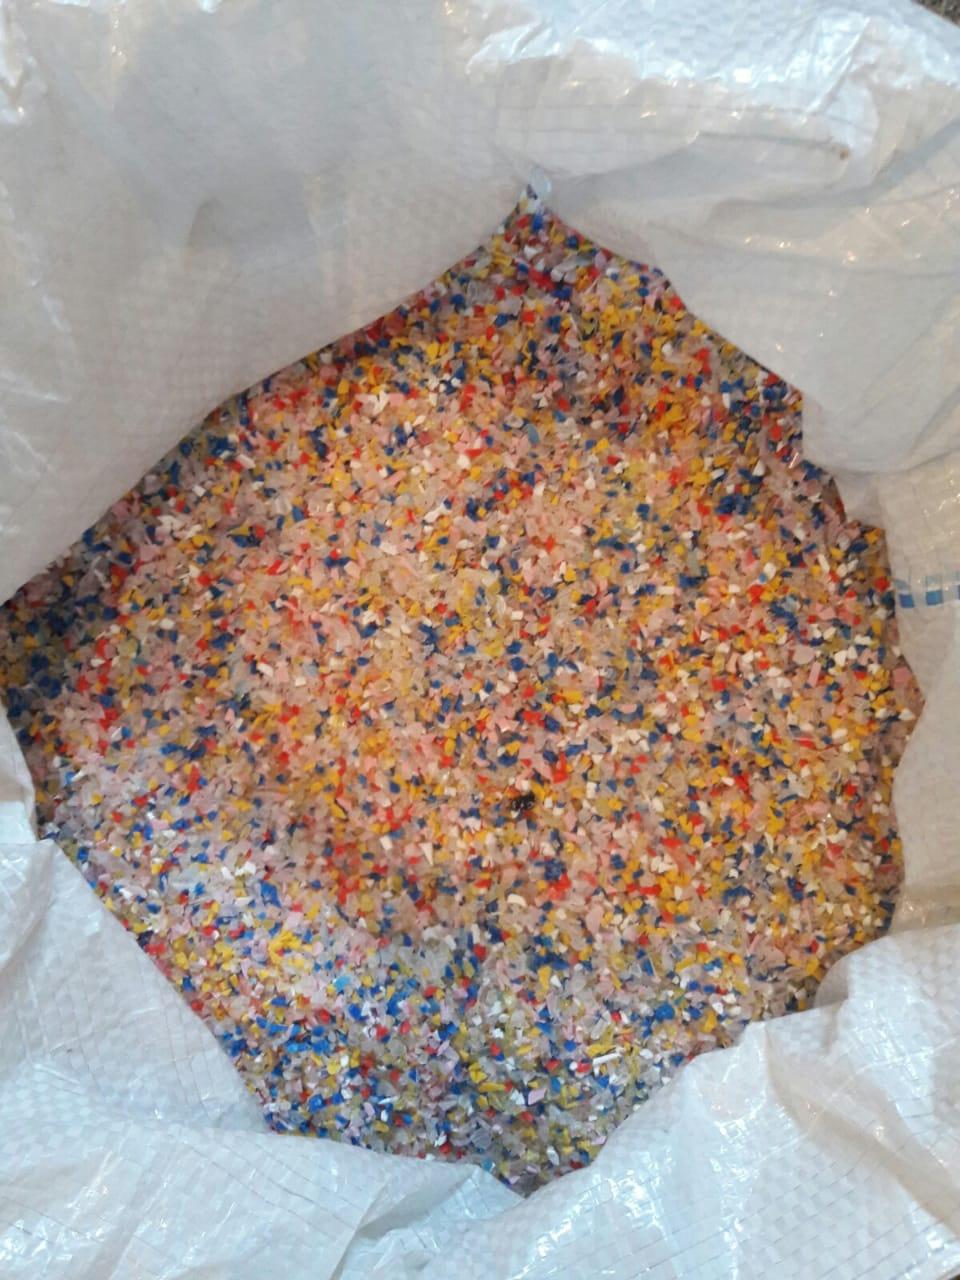 Sucata de plásticos: varreduras